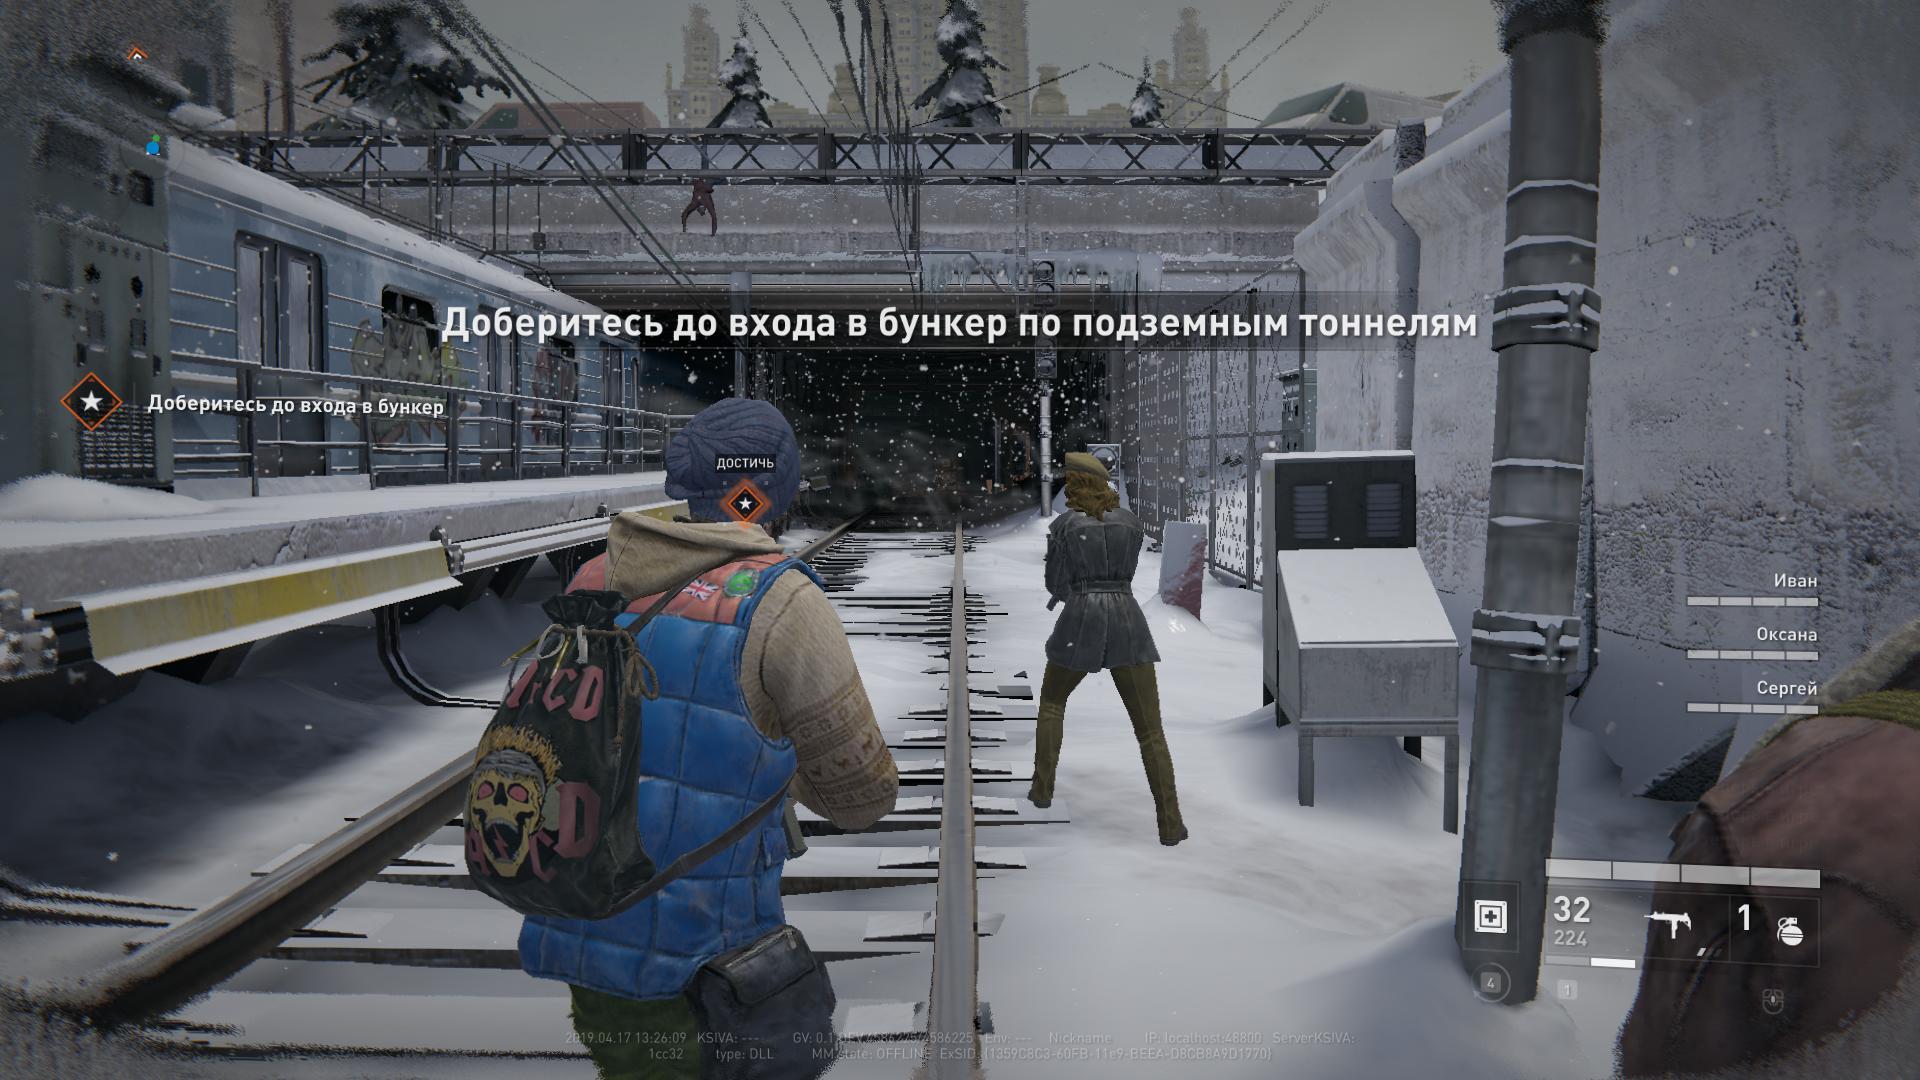 https://i4.imageban.ru/out/2019/04/17/cbf3dc59cb8a2a7222af2fa2562a55d2.jpg